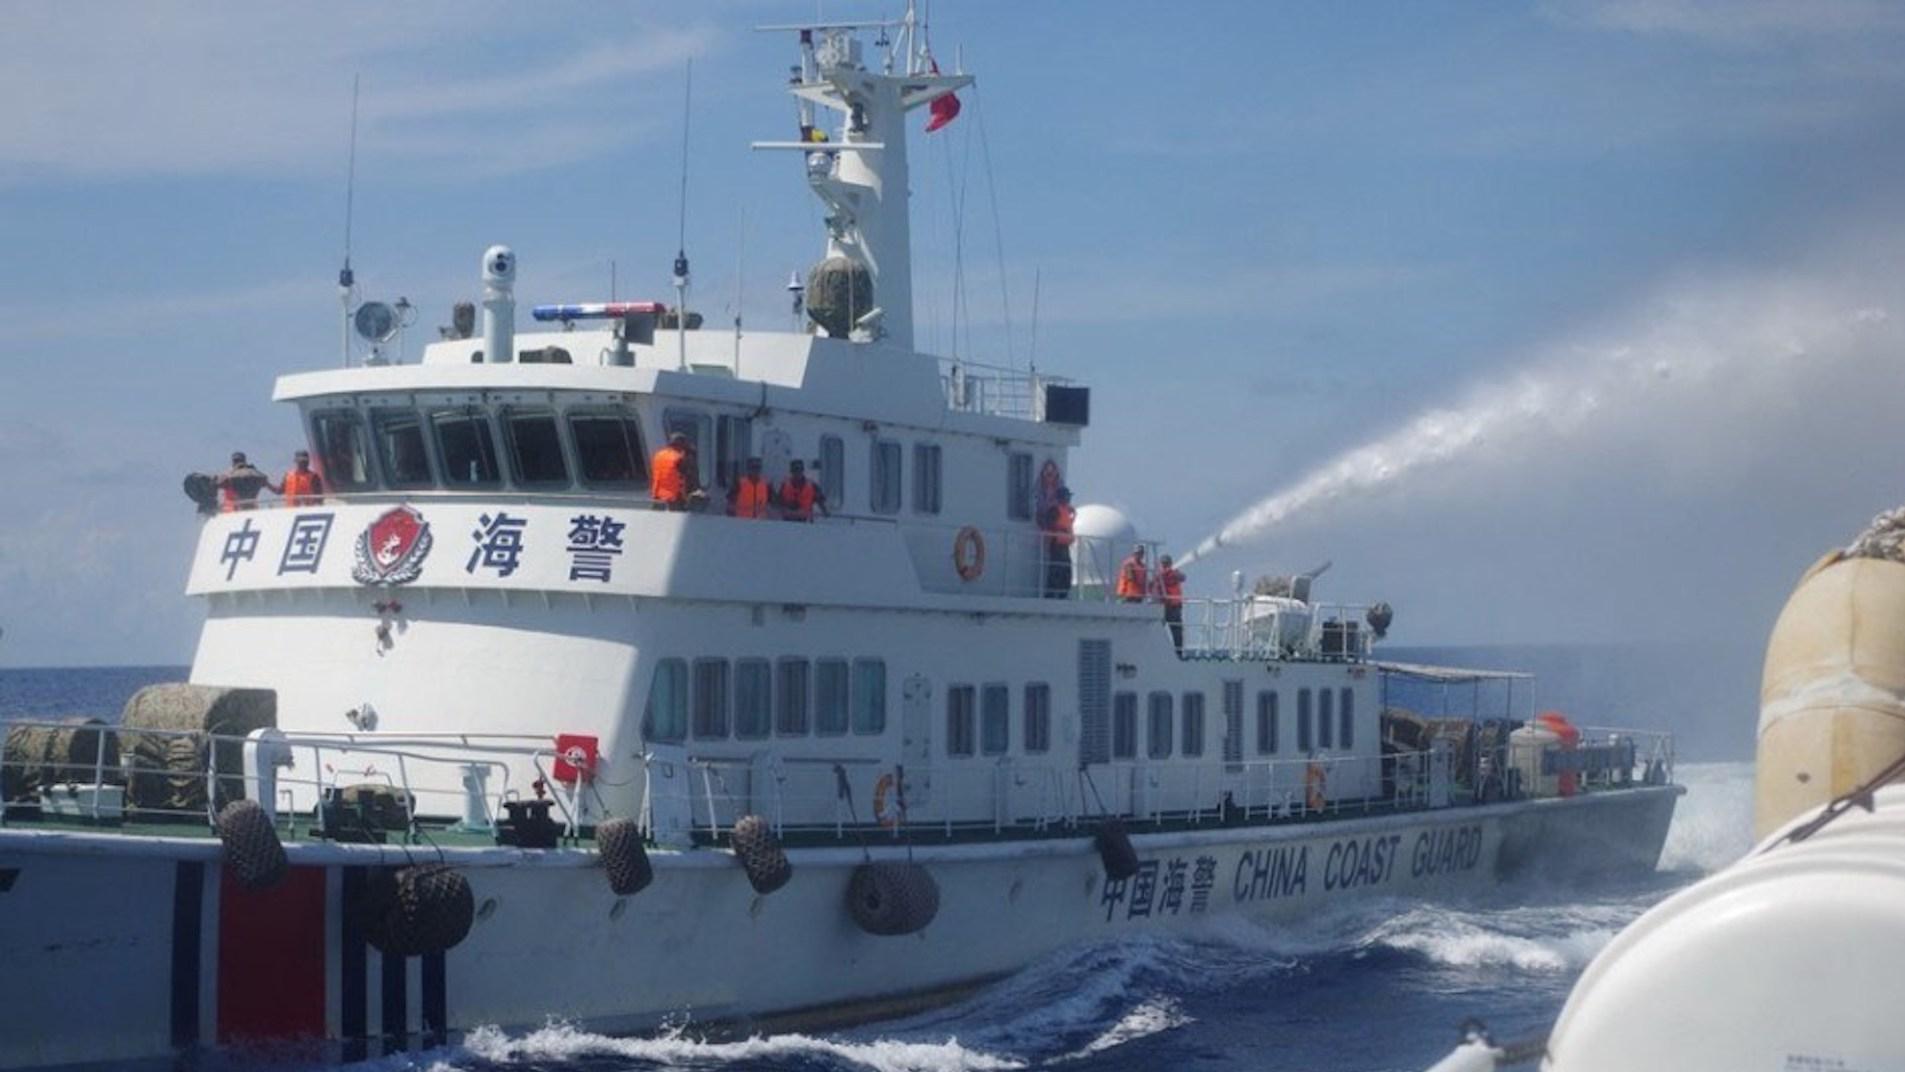 靠近就开火!中国海警新规定出台授权使用武器,美日高呼抗议!